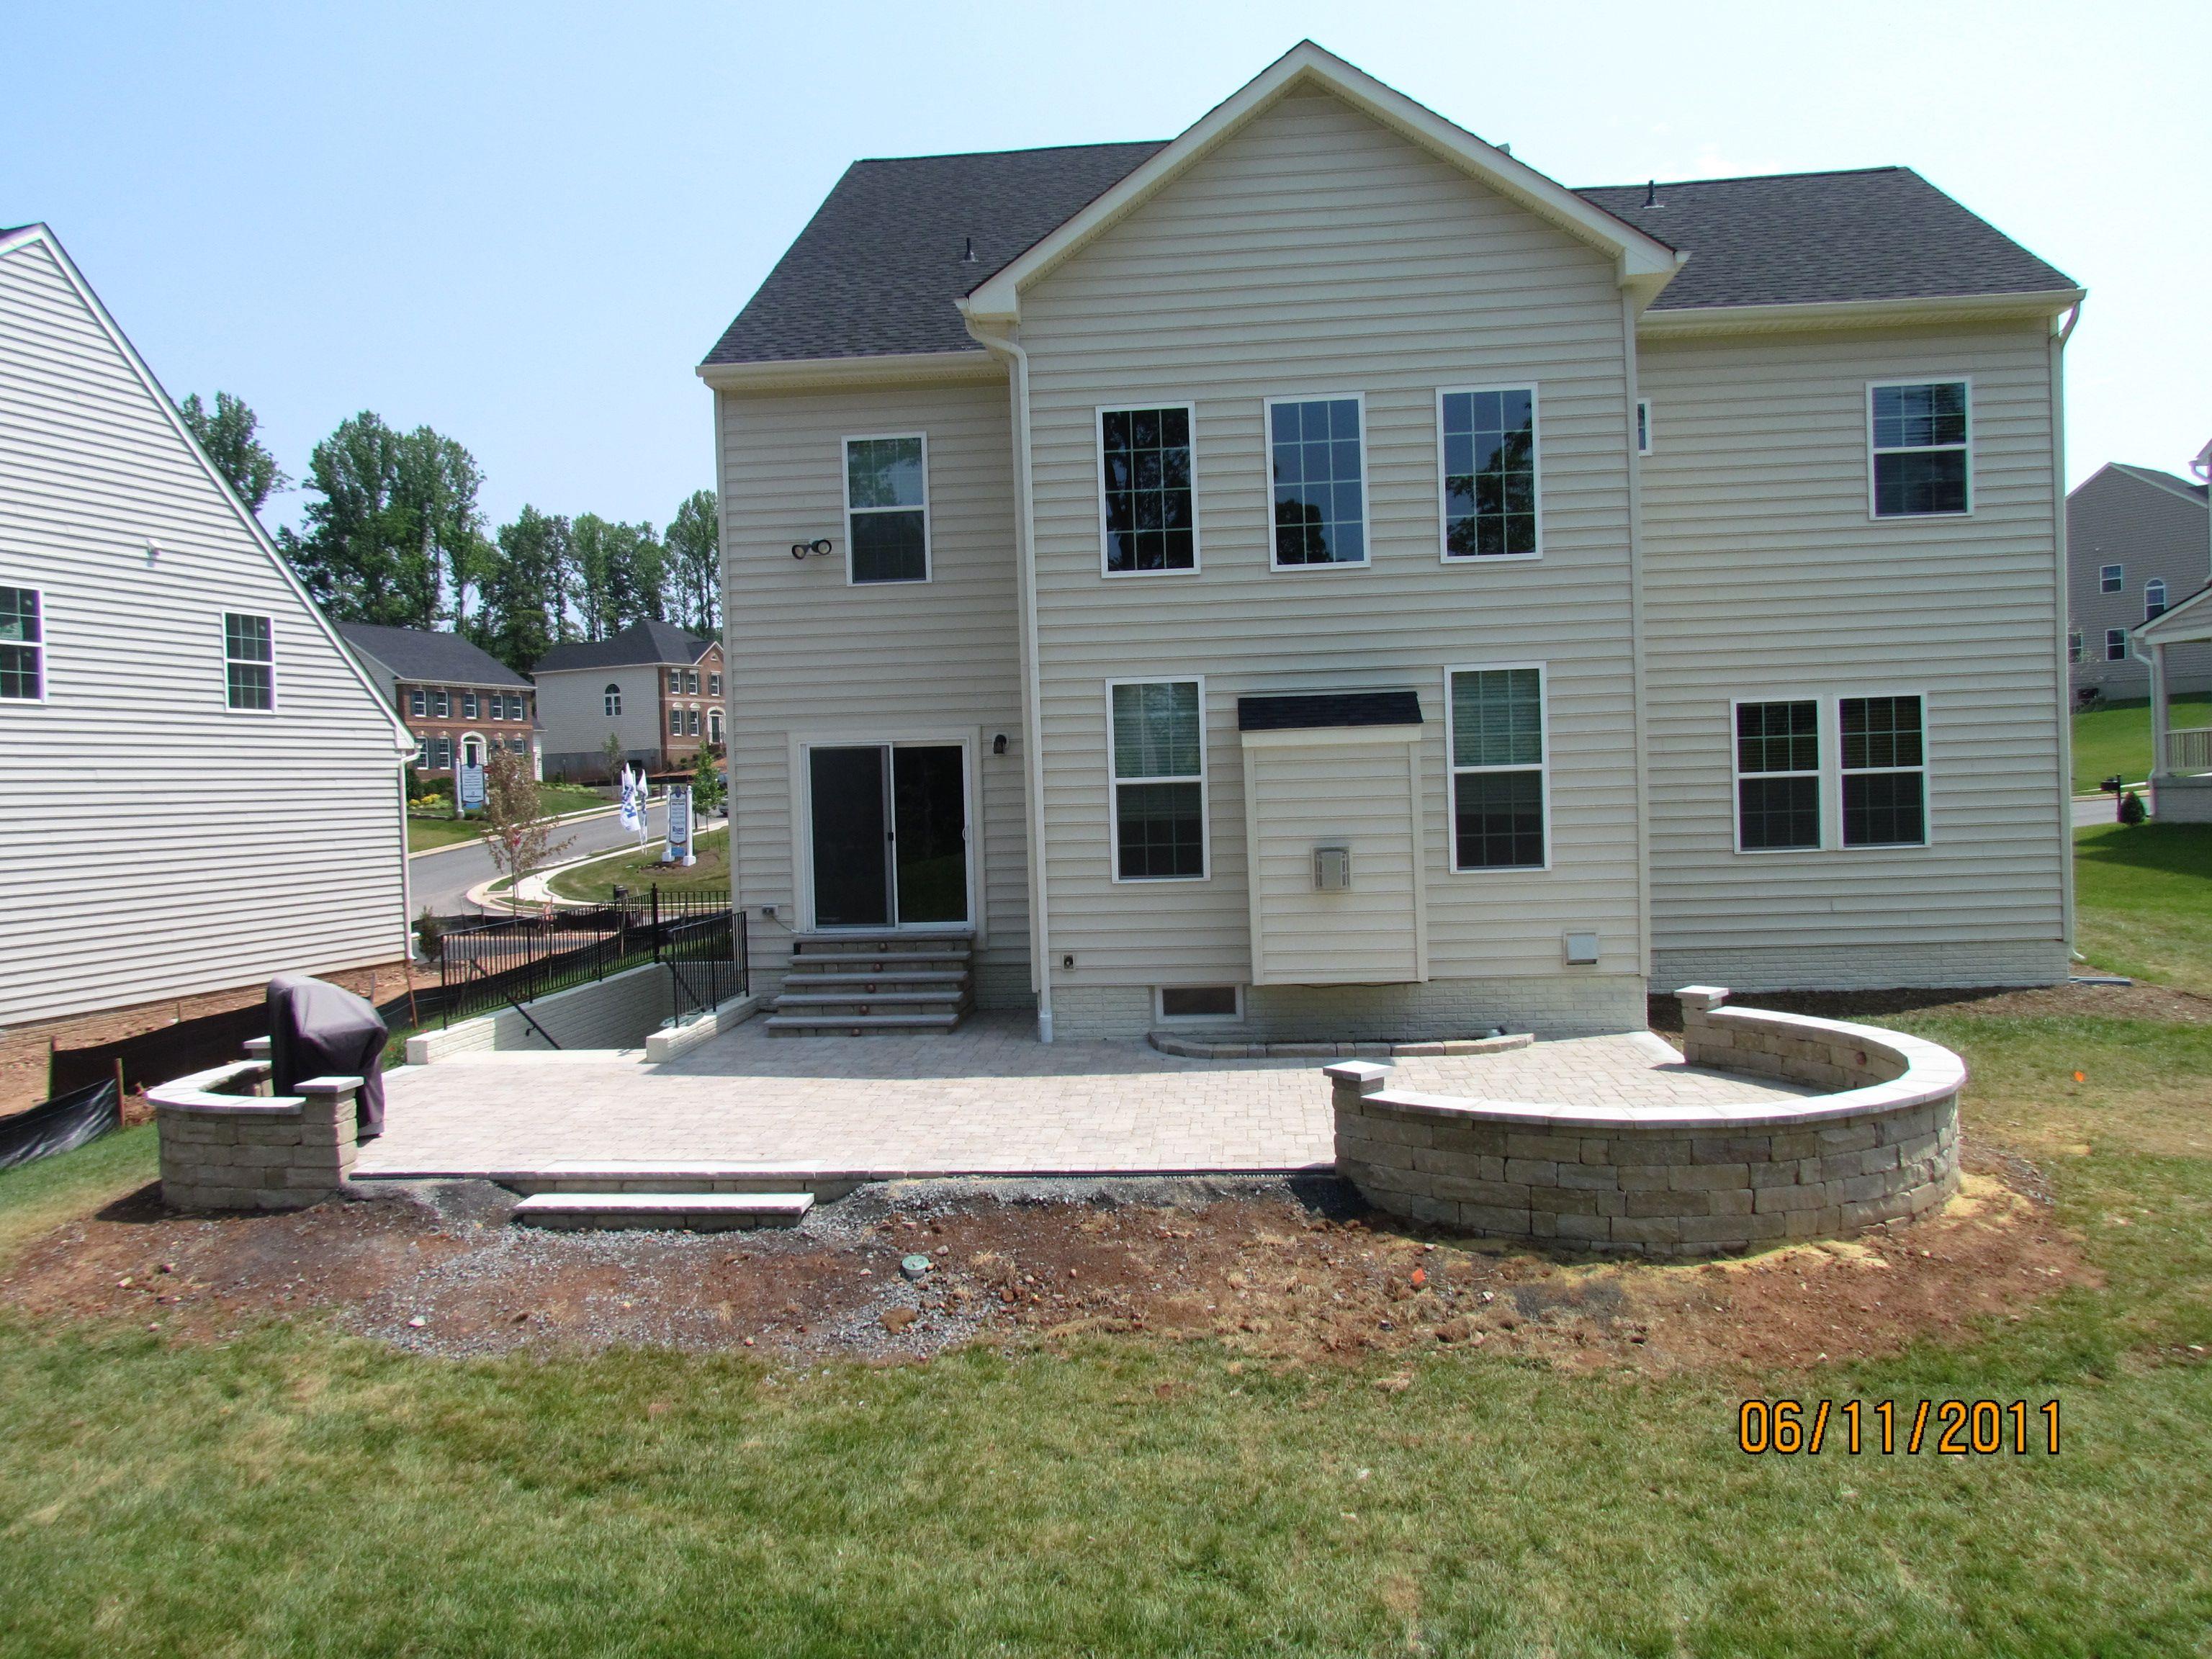 Patio layout   Patio layout, Backyard patio designs, Patio ... on Garden Patio Designs And Layouts id=69667